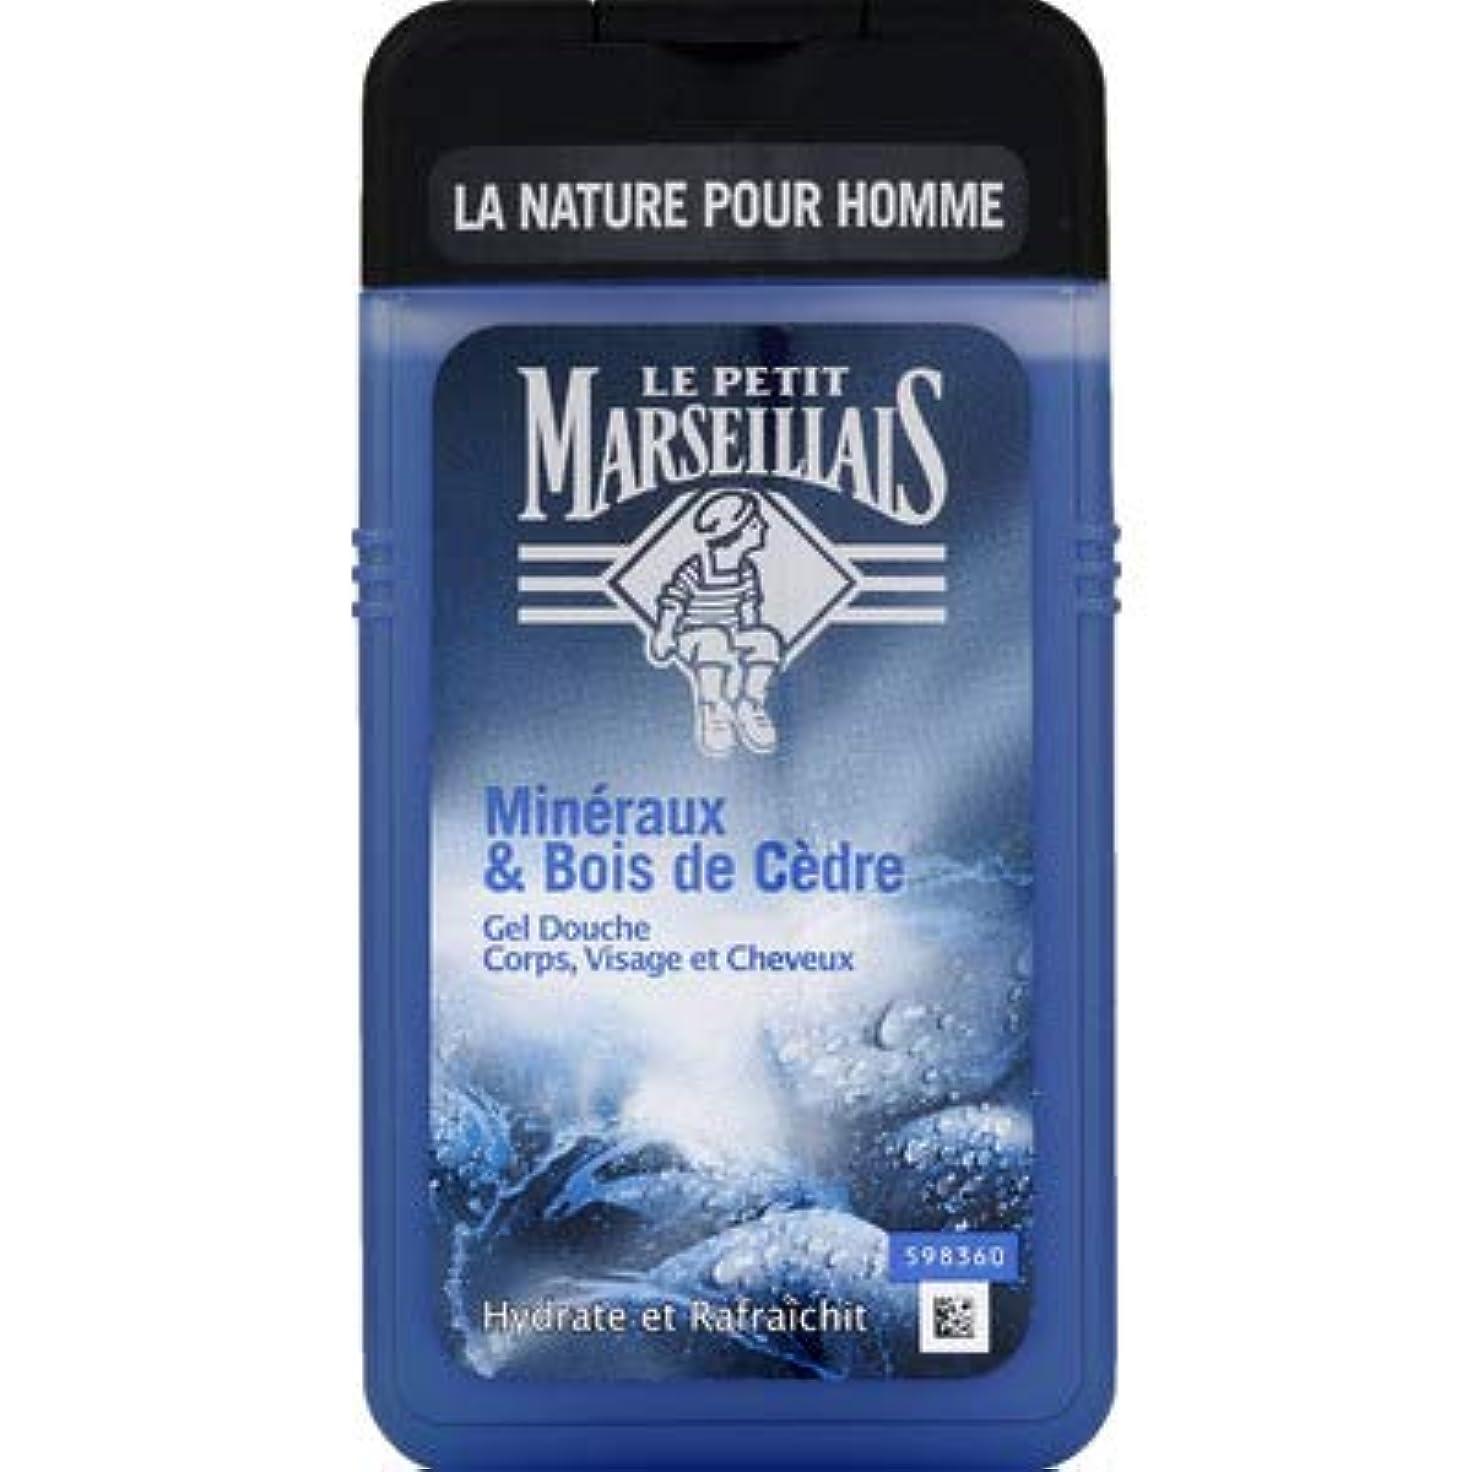 大いに水分木製メンズ用 顔?髪?体 ボディウォッシュ「ミネラル」と「シダーウッド」シャワージェル フランスの「ル?プティ?マルセイユ (Le Petit Marseillais)」 250ml